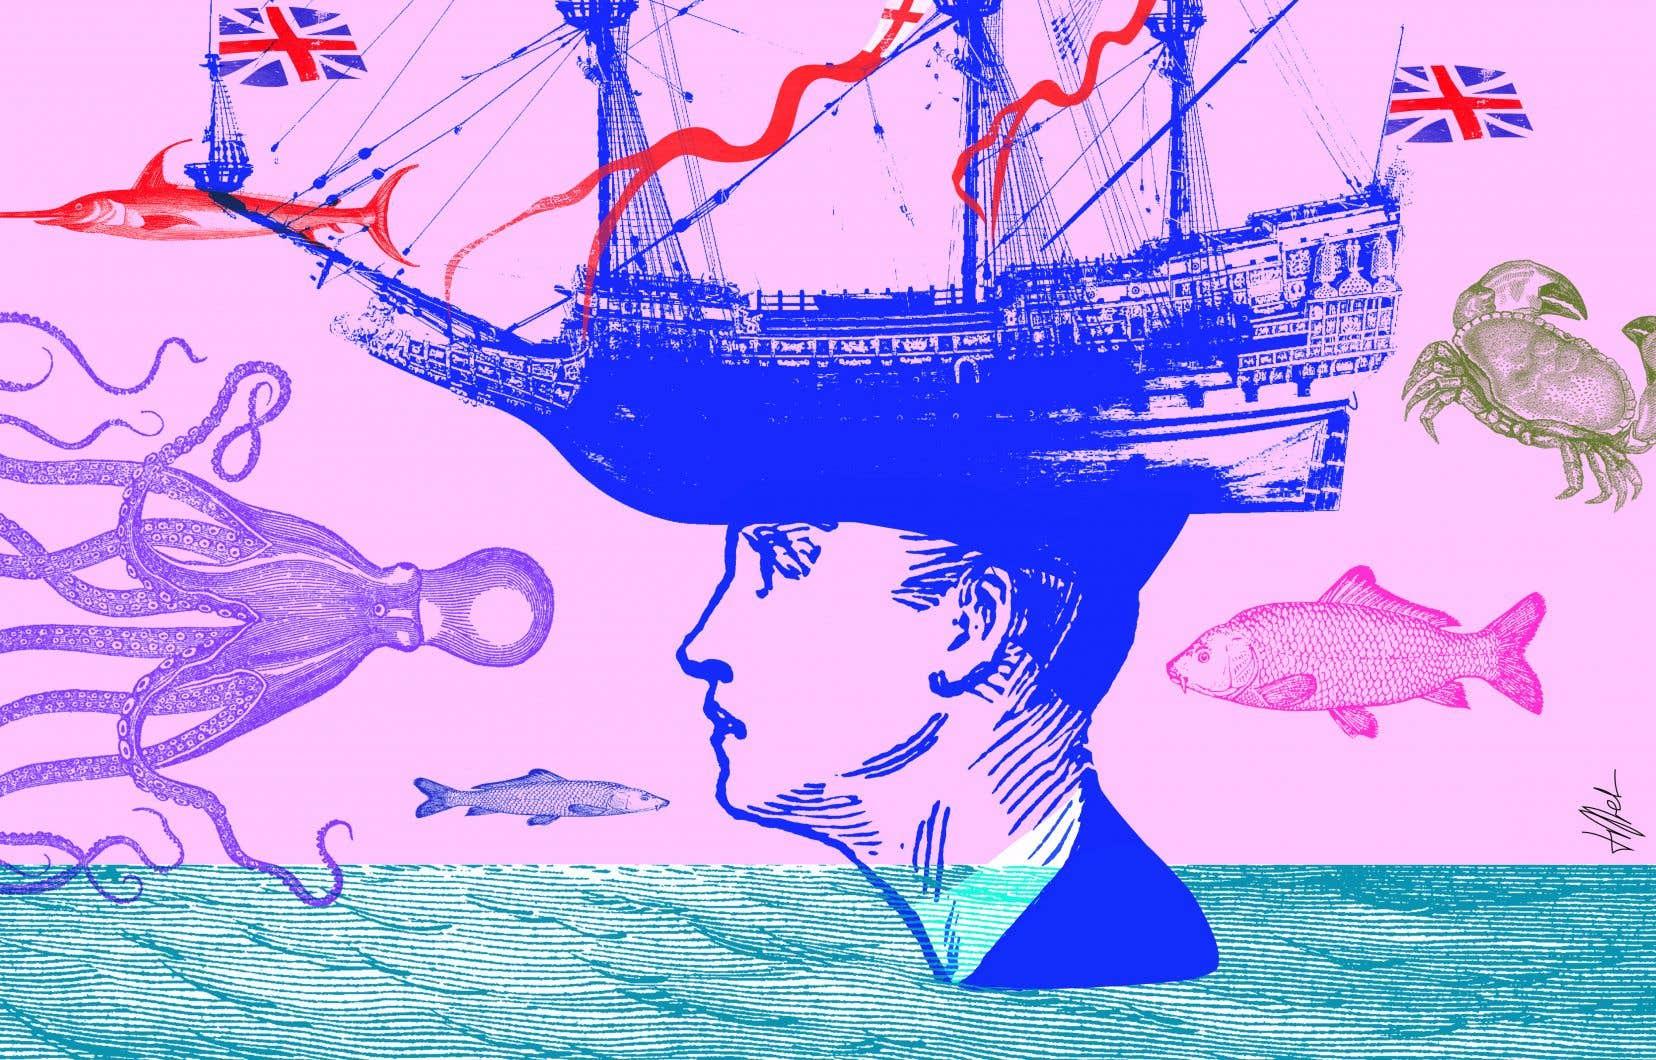 La mer est un espace par lequel les idées se diffusent, un lieu stratégique où s'exerce la domination d'un État sur un autre, un endroit qui recèle des richesses, une voie qui permet le transport et les échanges. Qui est capable d'assurer son contrôle sur celle-ci se dote d'avantages économiques et stratégiques qui peuvent s'avérer déterminants en temps de paix comme en période de guerre.